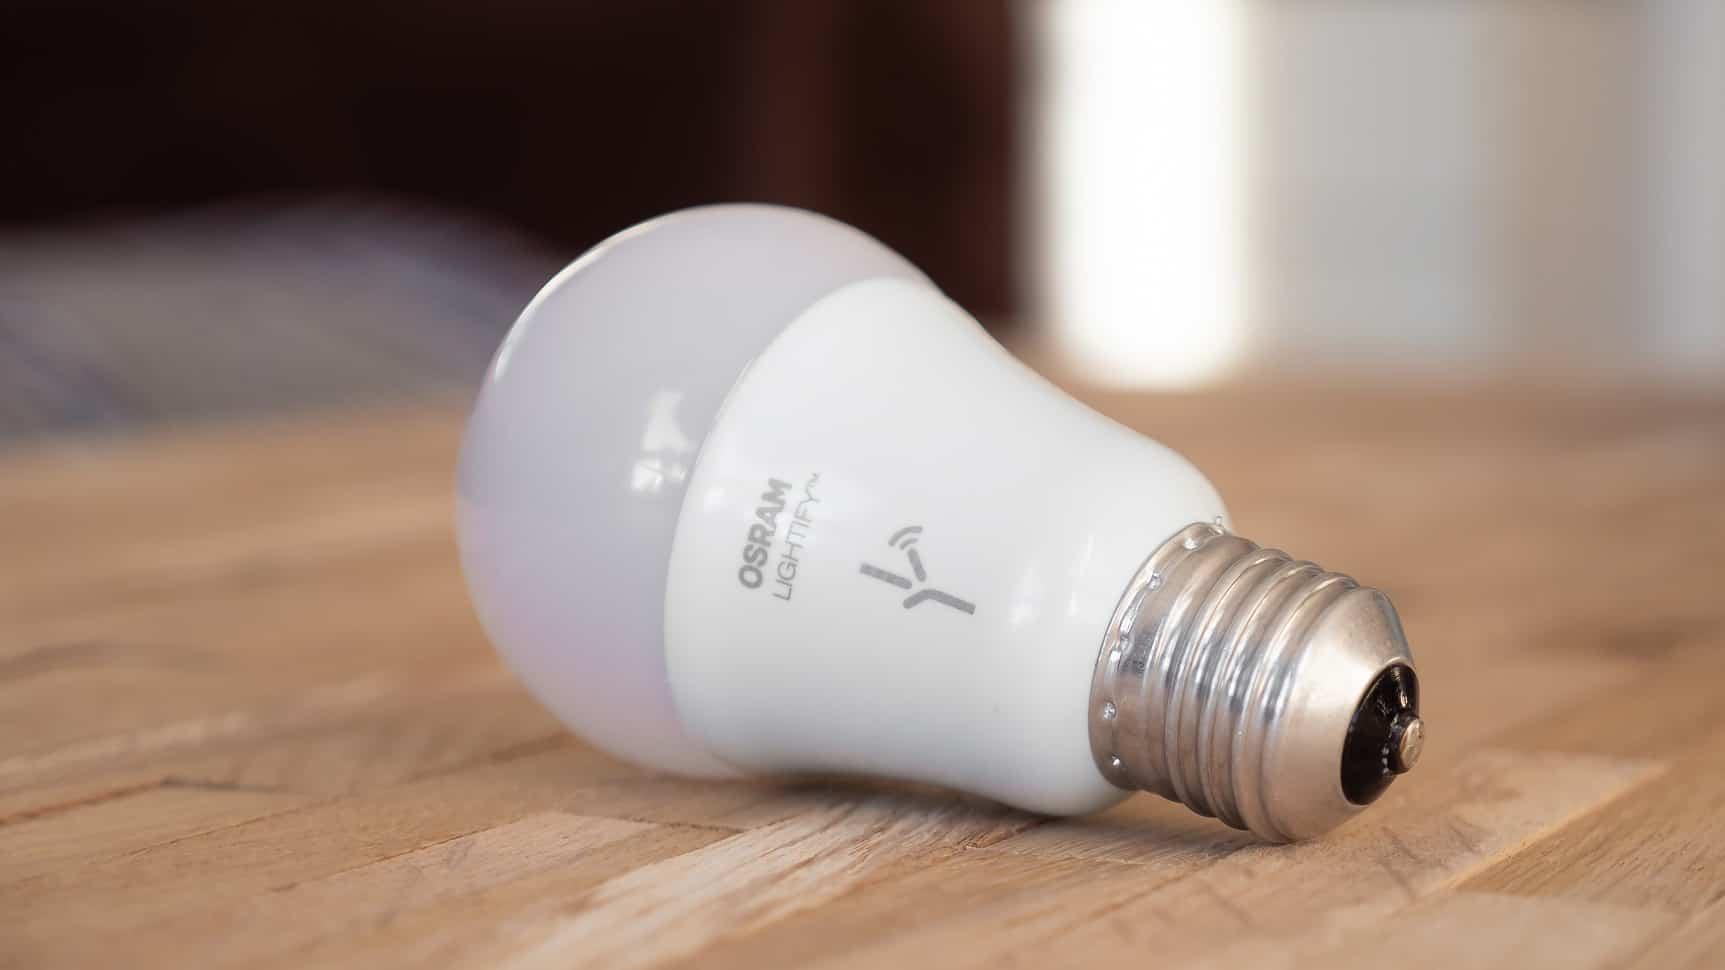 Chytré osvětlení domácnosti recenze